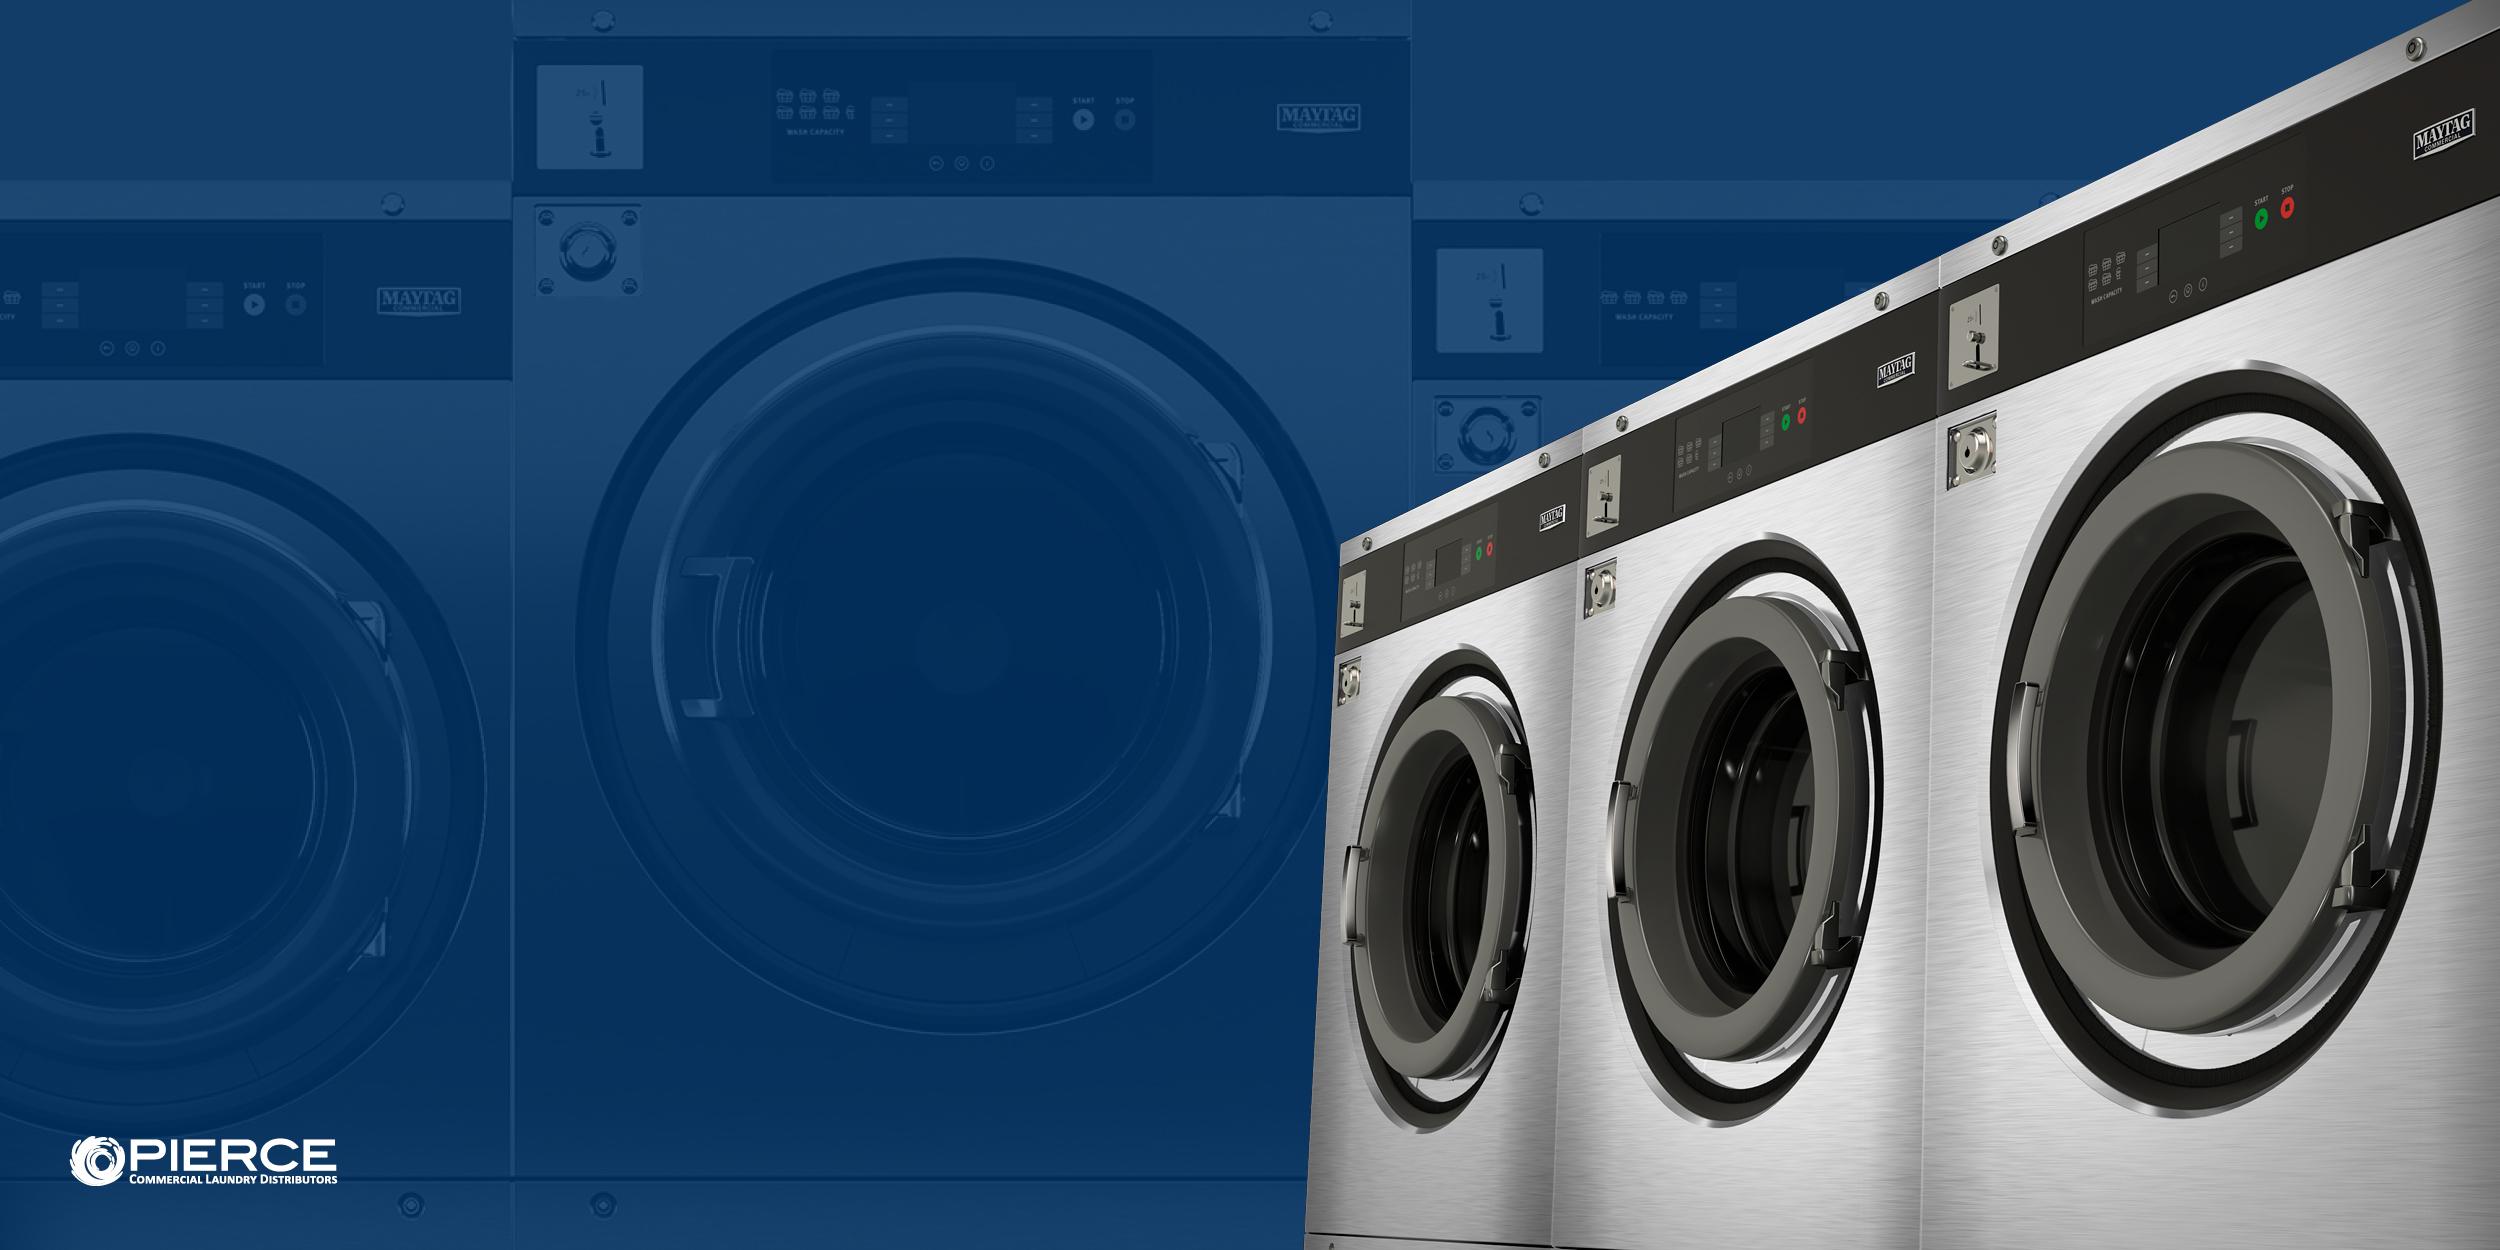 Pierce Commercial Laundry Distributors